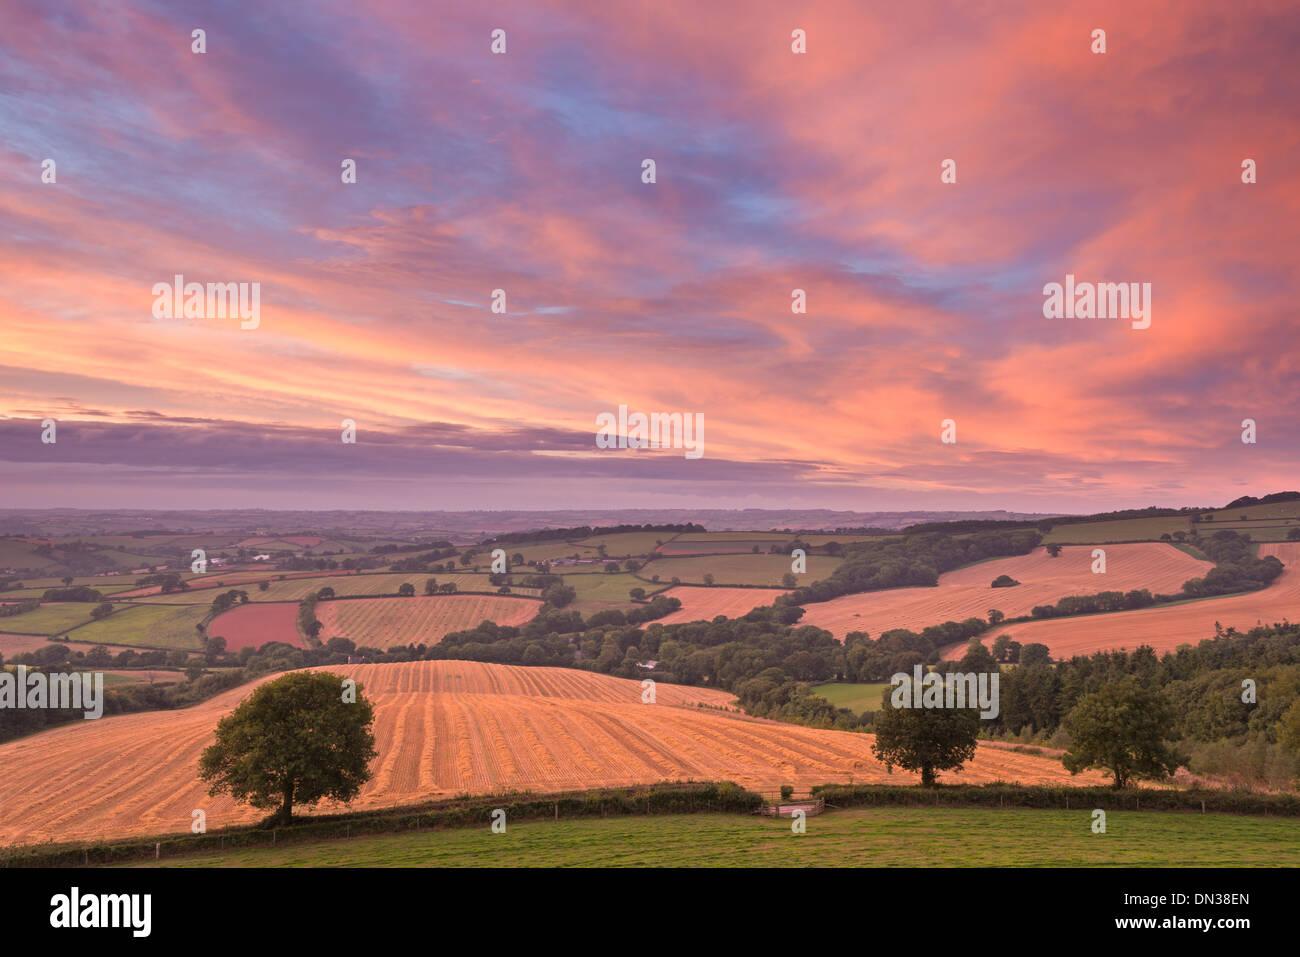 Espectaculares puestas de sol sobre la campiña de Devon, Stockleigh rodante Pomeroy, Devon, Inglaterra. Otoño (septiembre de 2013). Imagen De Stock